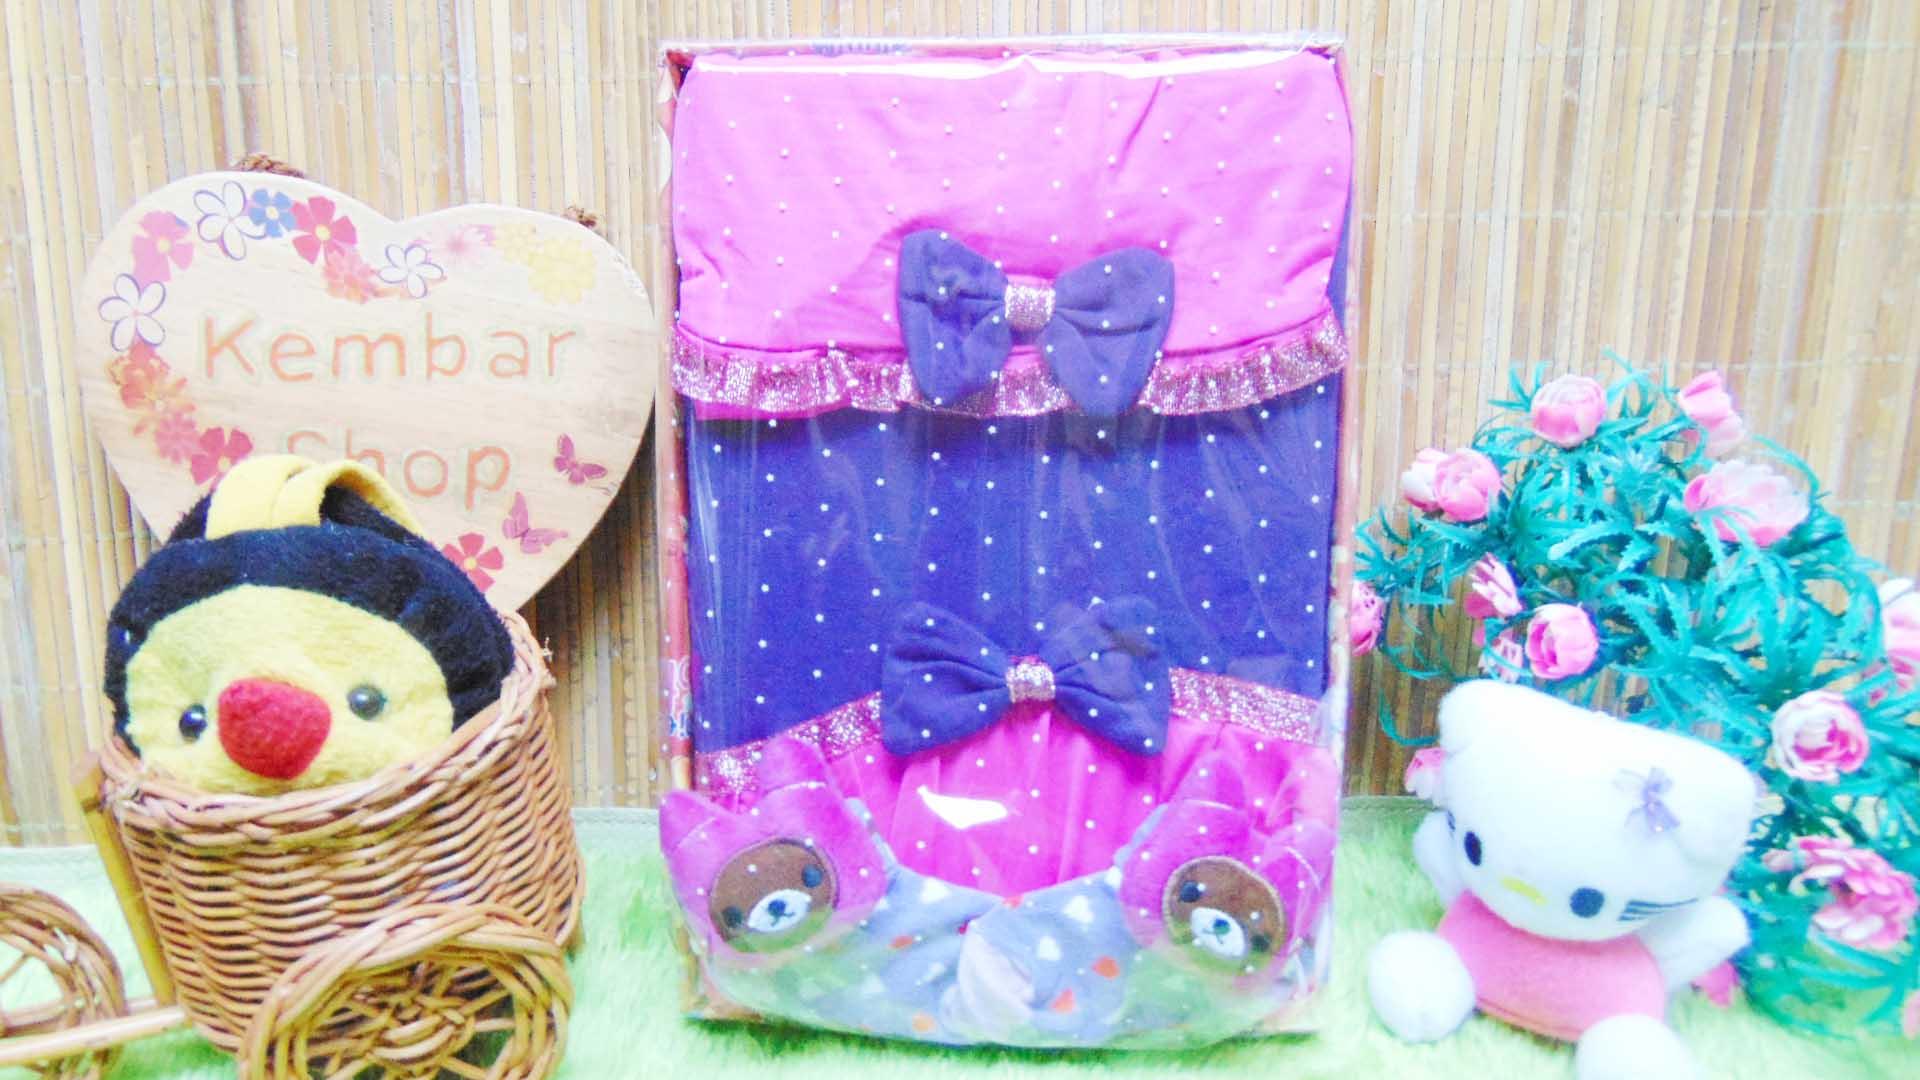 FREE KARTU UCAPAN Kado Lahiran Box Paket Kado Bayi Perempuan Cewek Baby Gift Set Gamis pita gemerlap Sock Jilbab